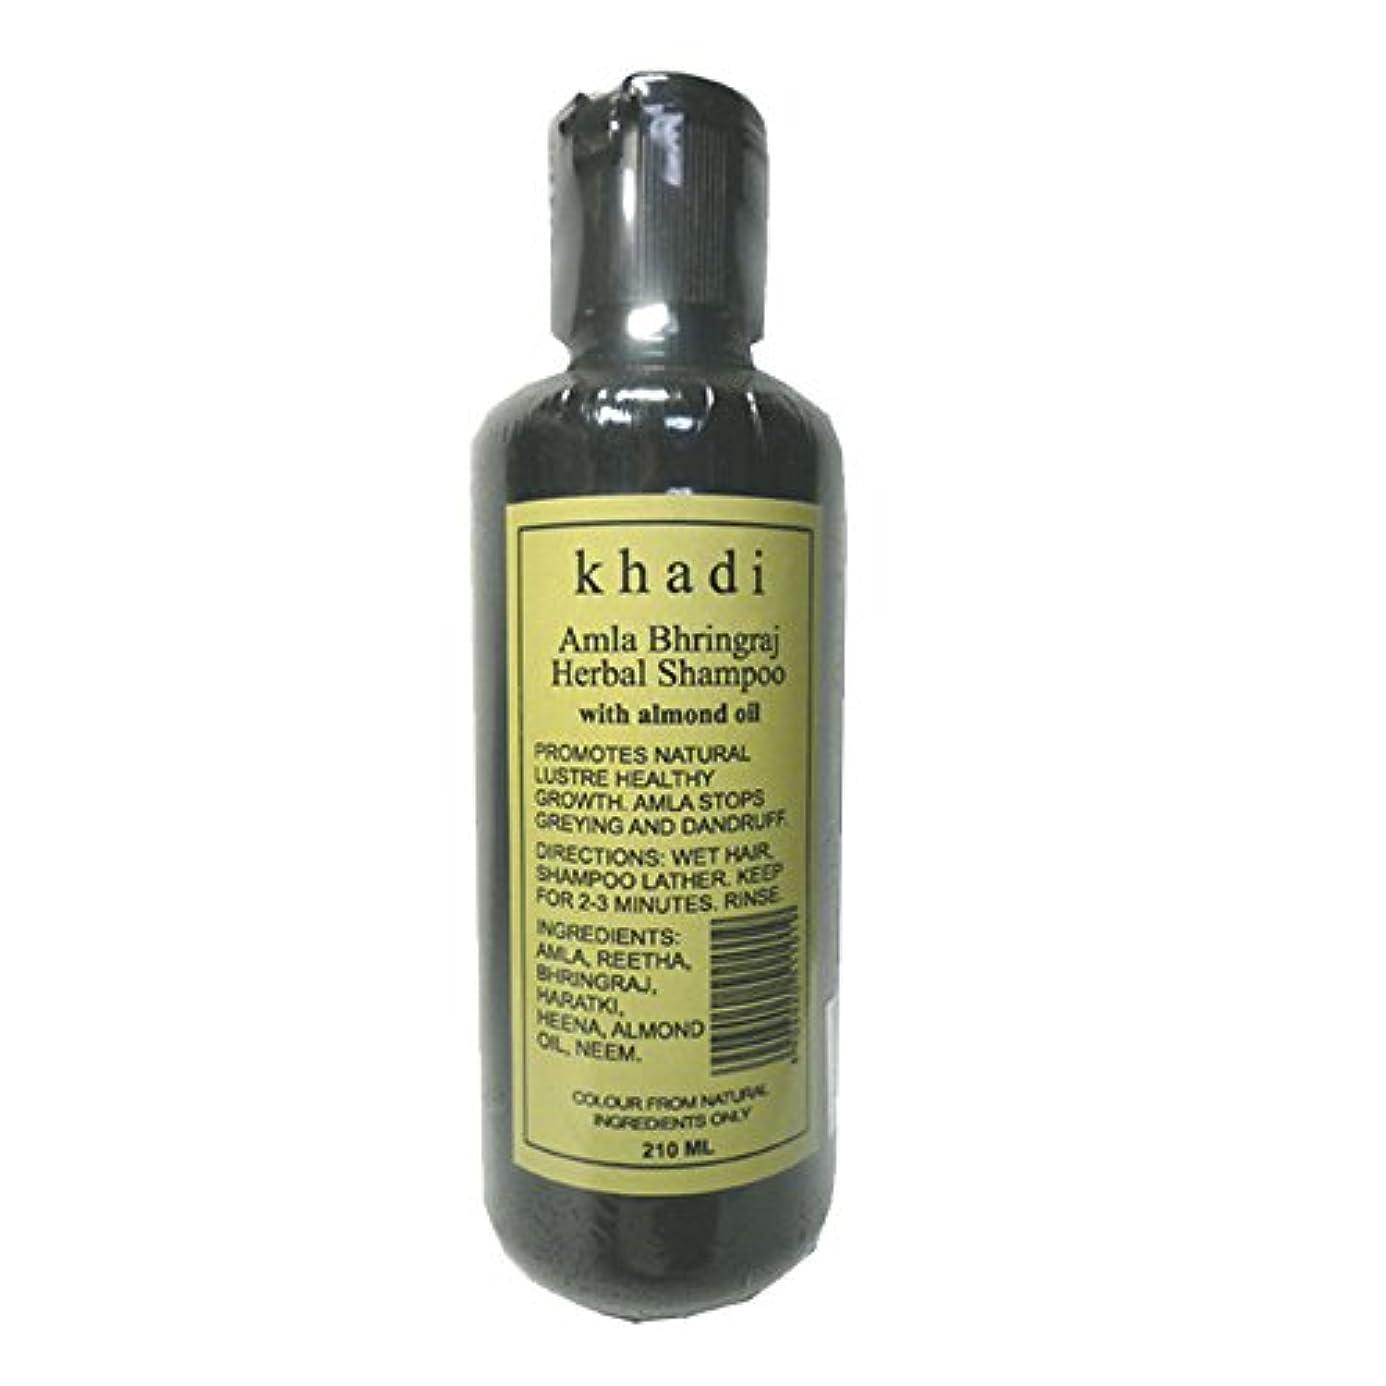 一般的な統計的パニック手作り  カーディ アムラ リーサ ハーバルシャンプー KHADI Amla Rertha  Herbal Shampoo(Amla Bhringraj Herbal Shampoo)